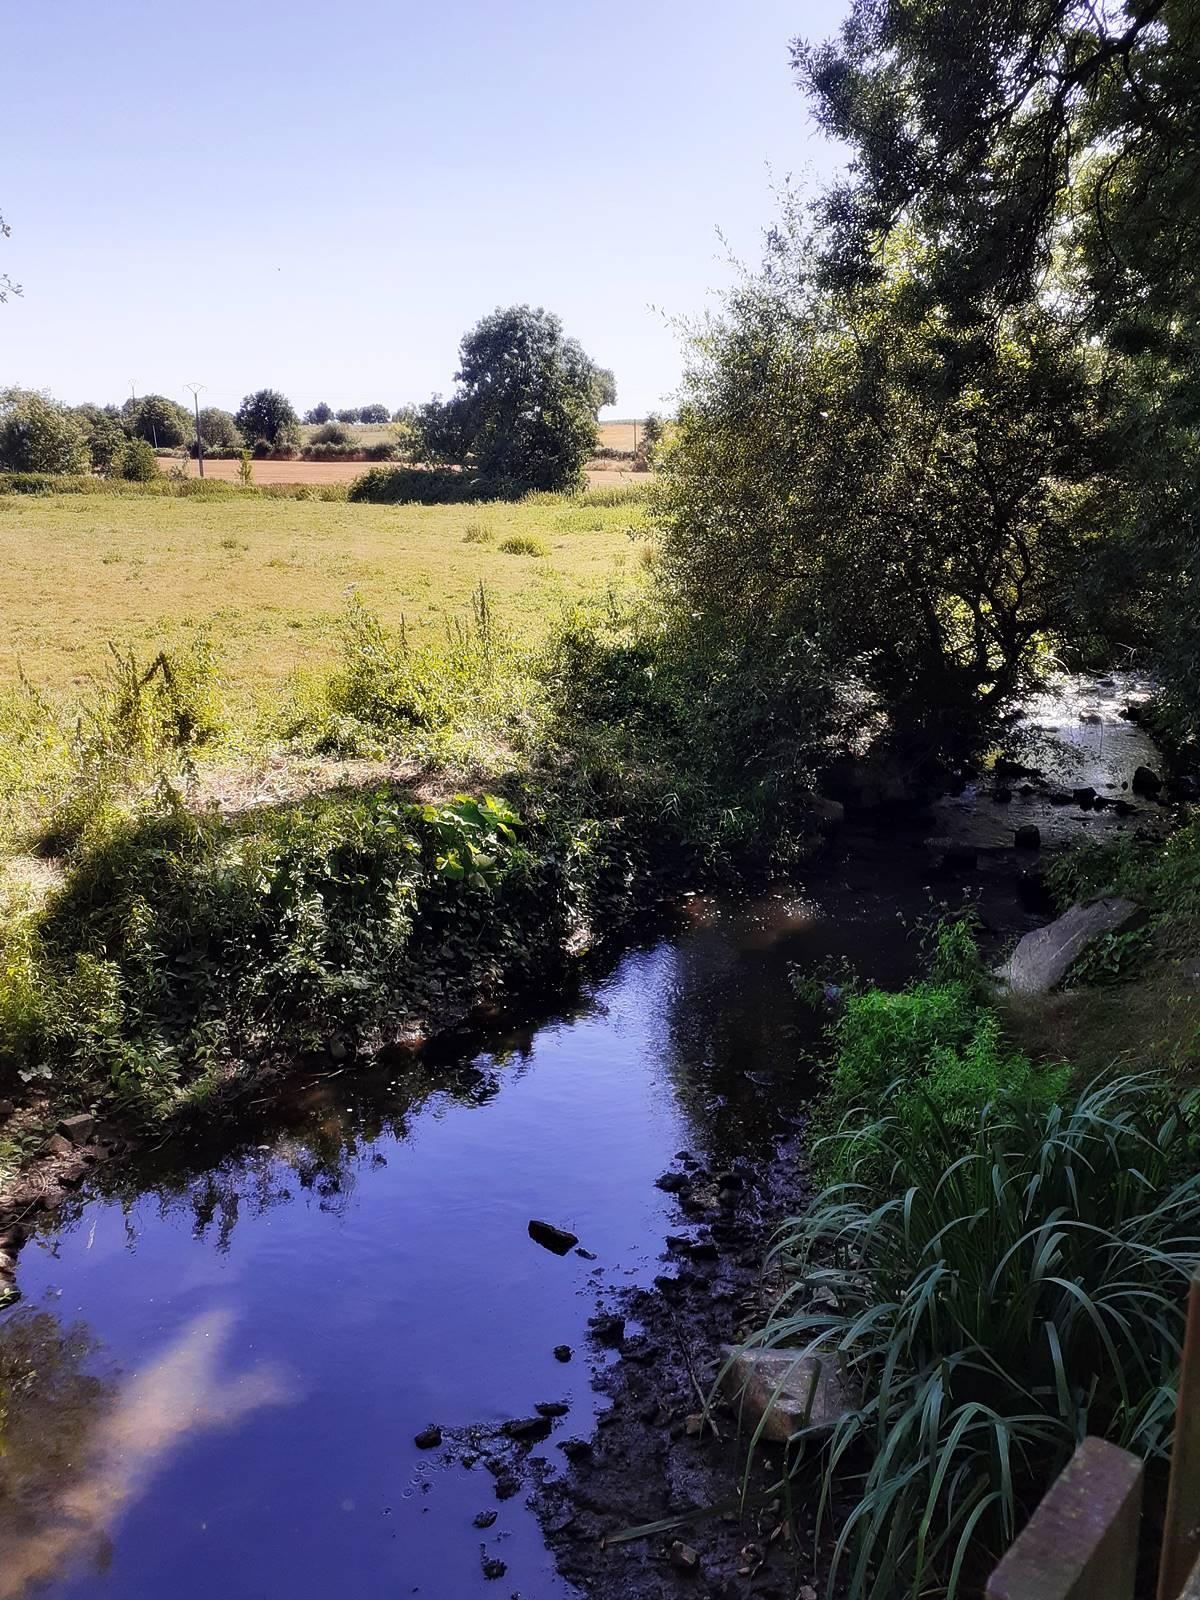 Visite moulin pont godelain20200806 161244